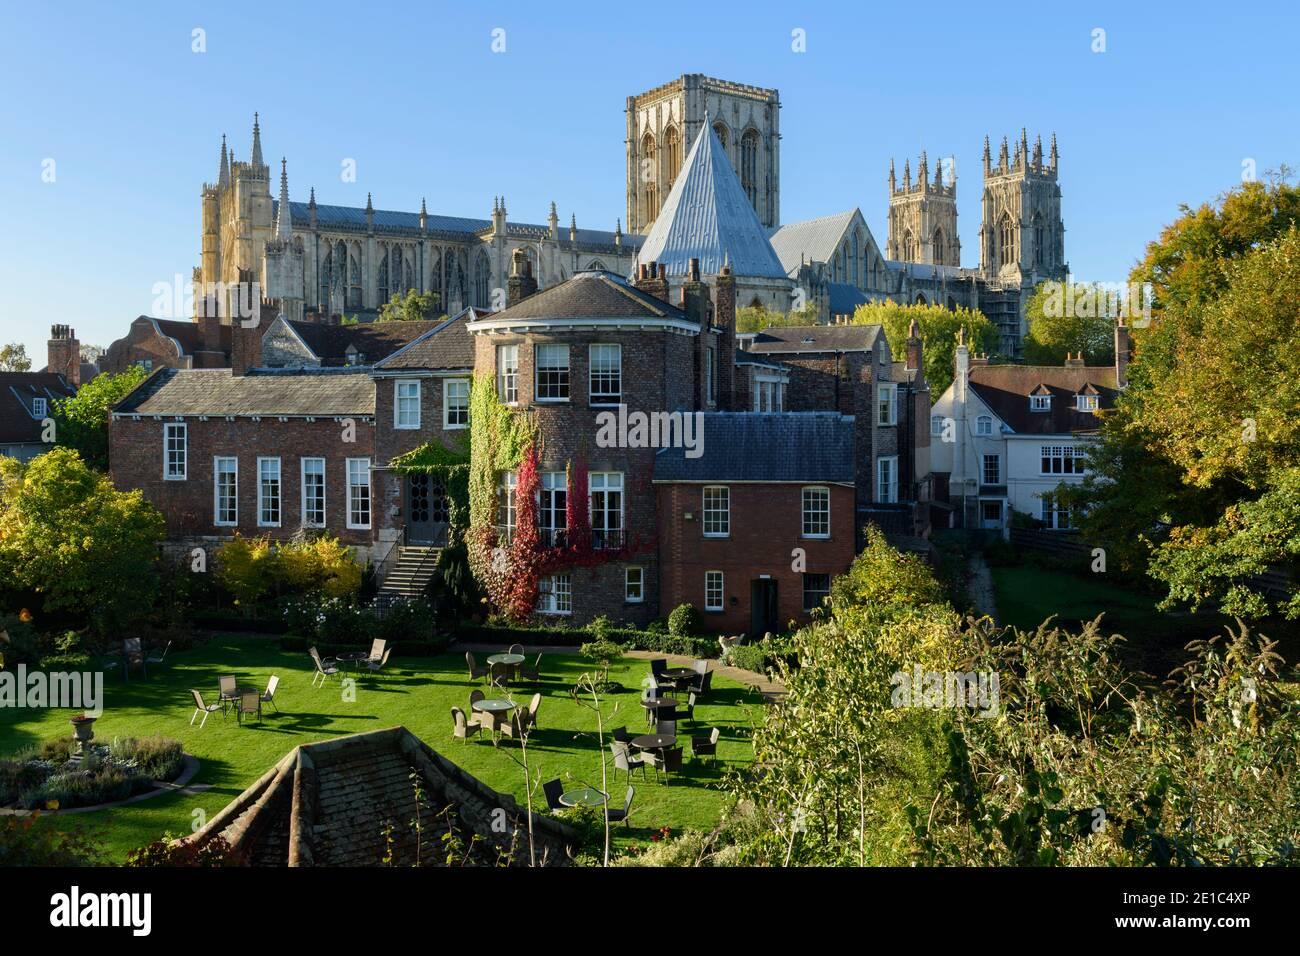 2 bâtiments historiques de première classe - église Minster et hôtel et jardin Gray's court - depuis les murs de la ville dans la ville pittoresque de York, North Yorkshire, Angleterre, Royaume-Uni. Banque D'Images